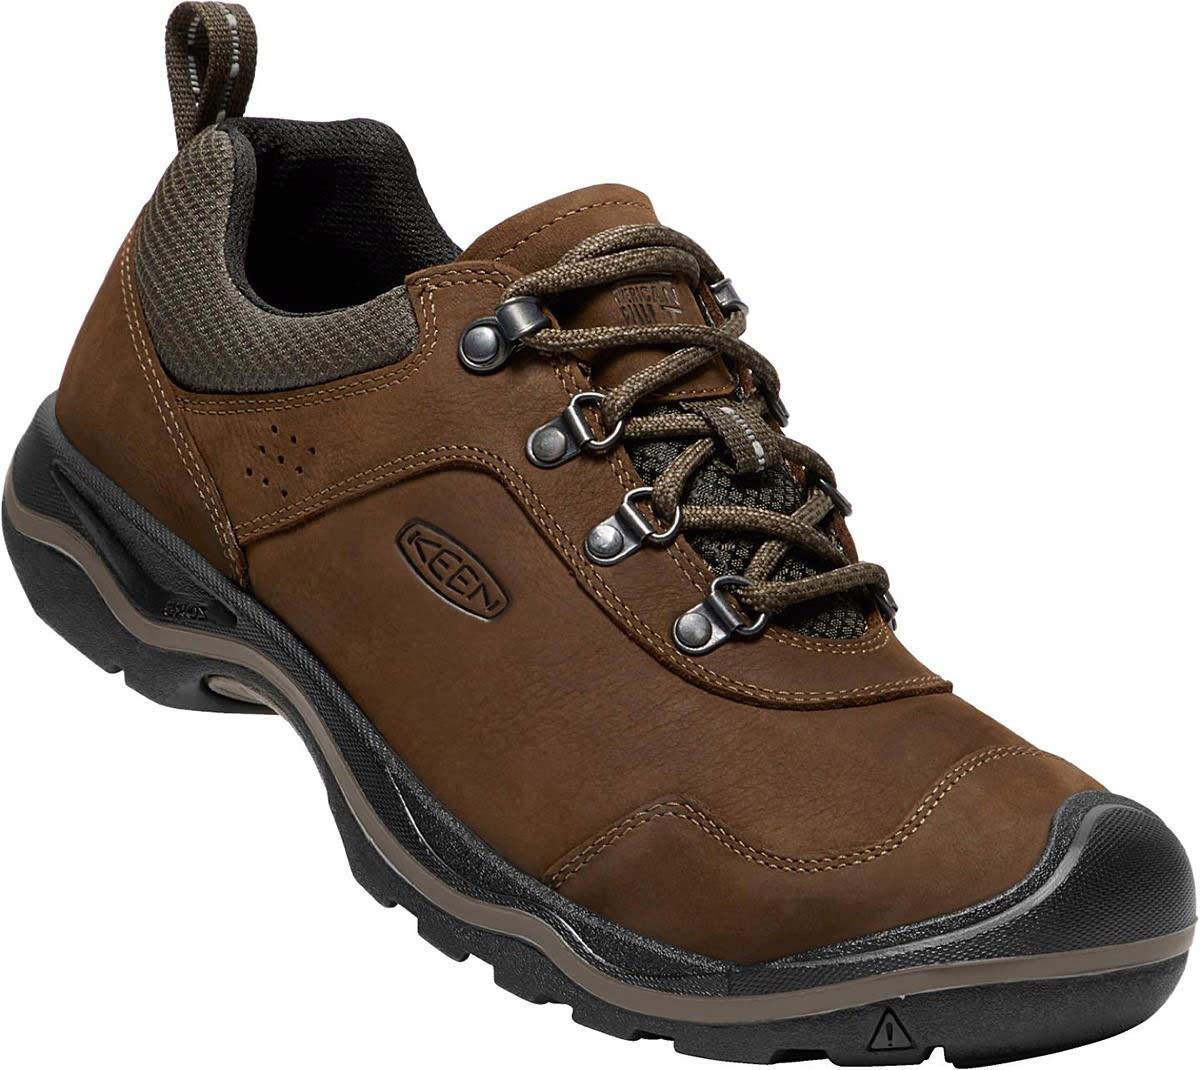 Rialto Shoes Reviews